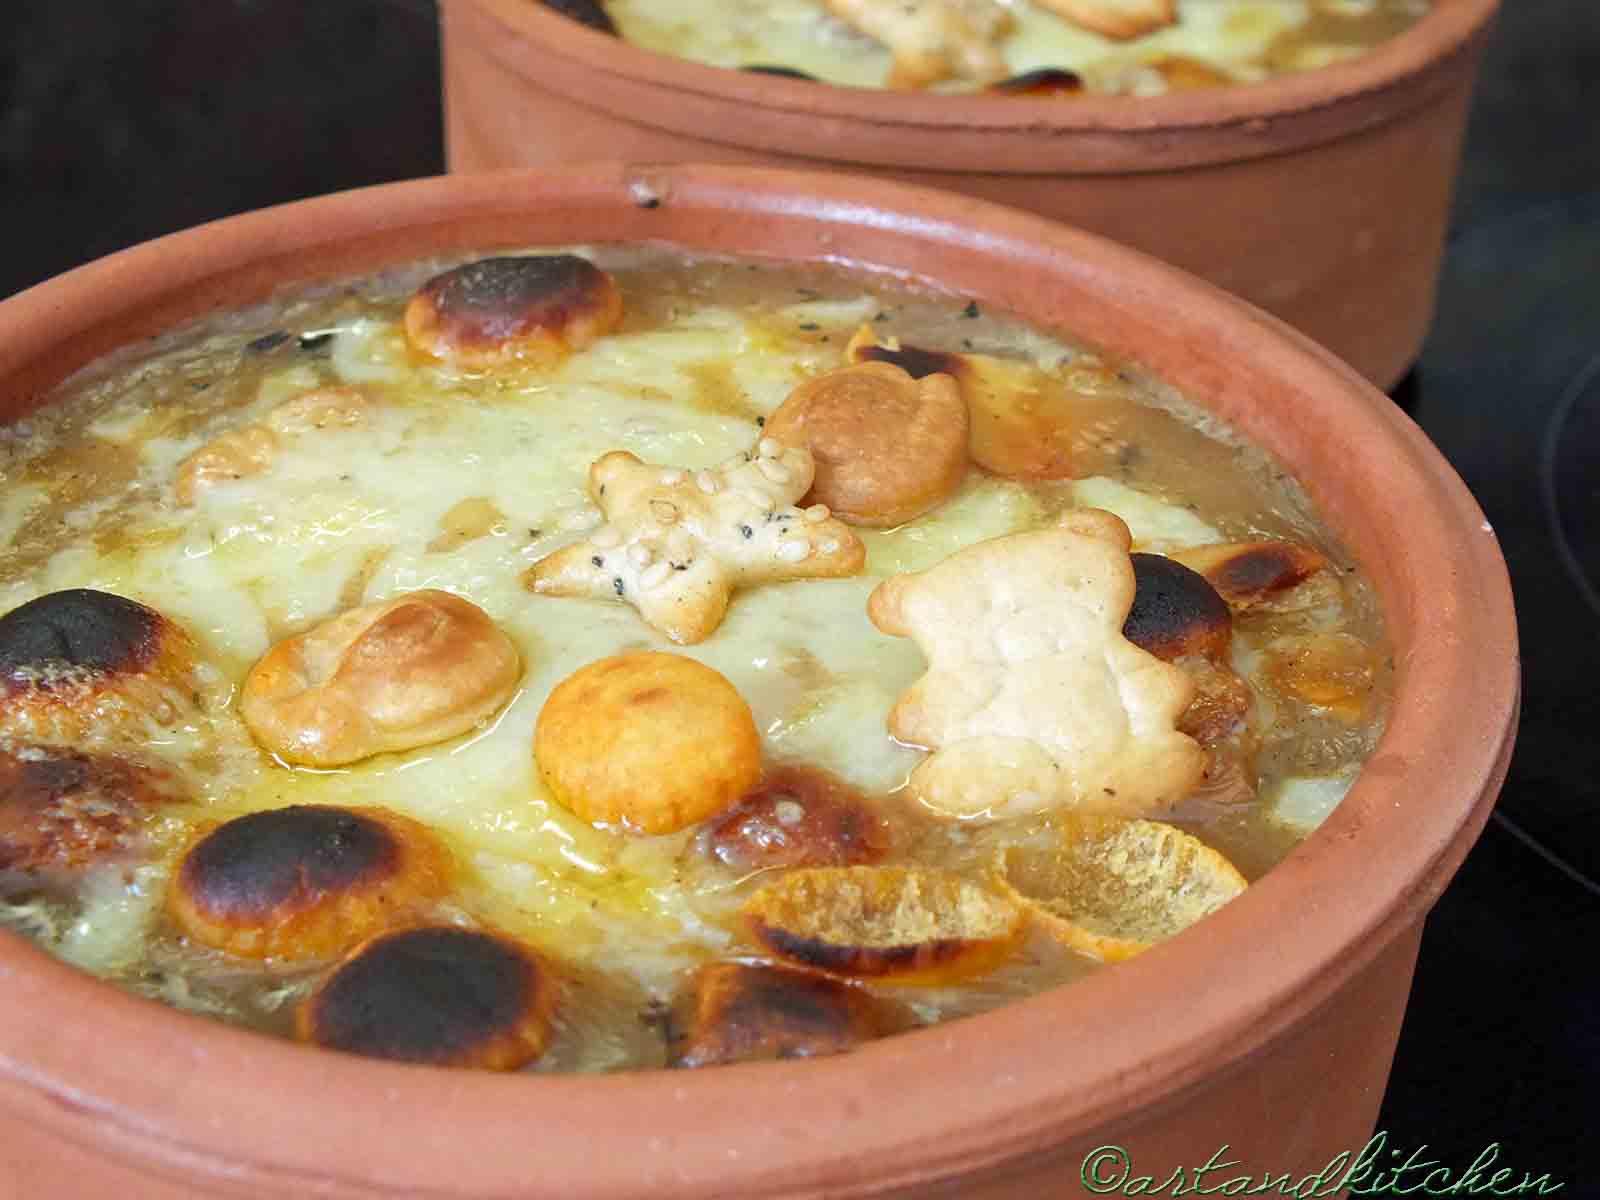 Cozy Onion Soup